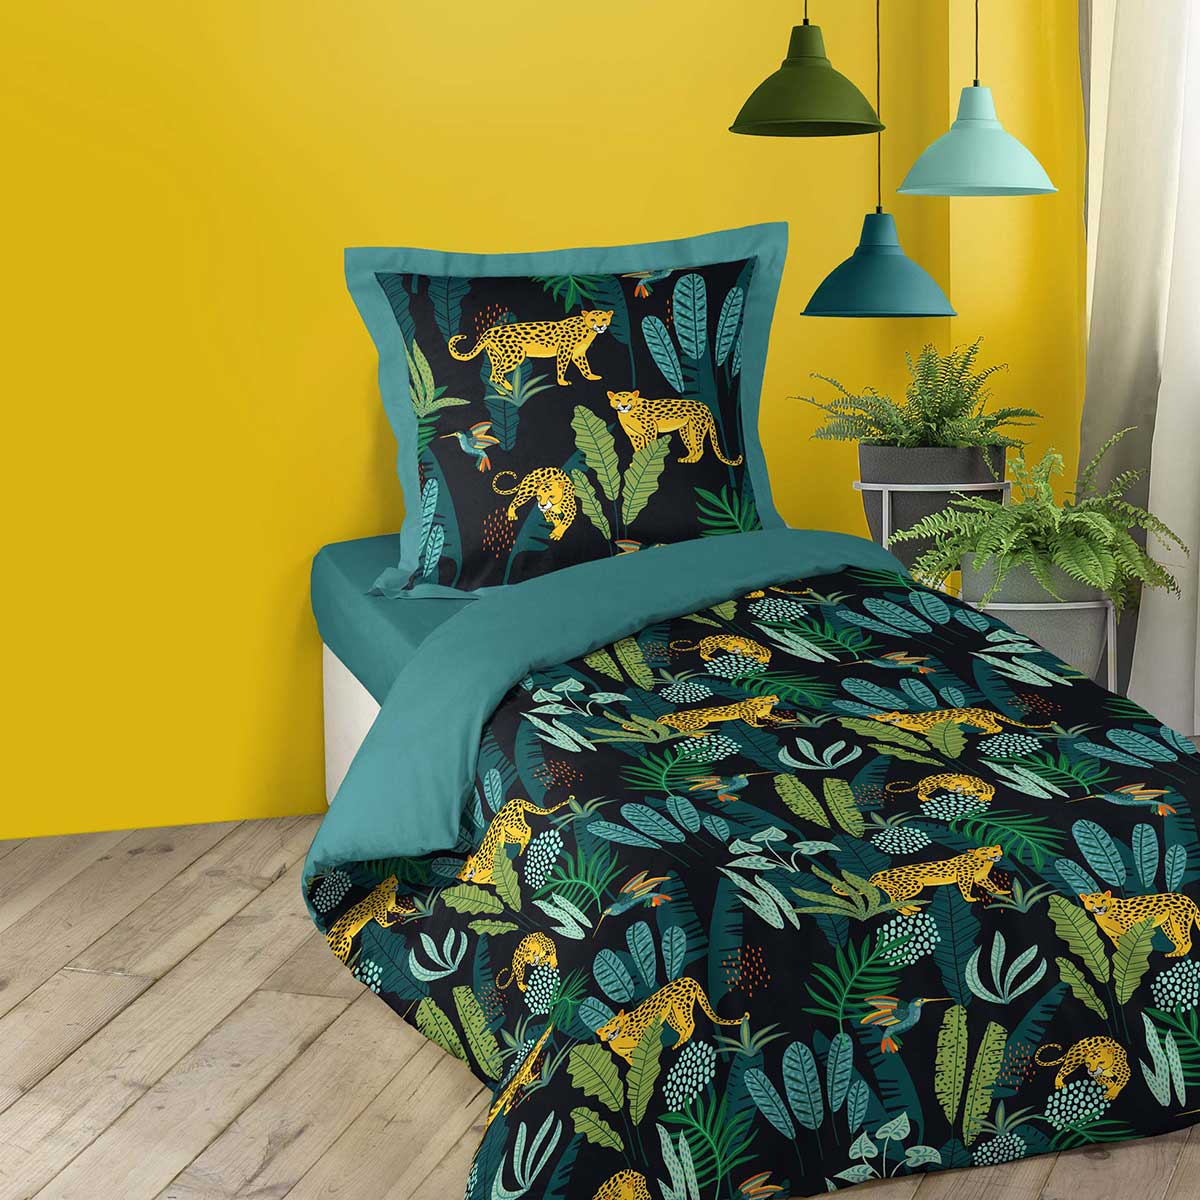 Parure de couette imprimée forêt tropicale - Noir - 140 x 200 cm